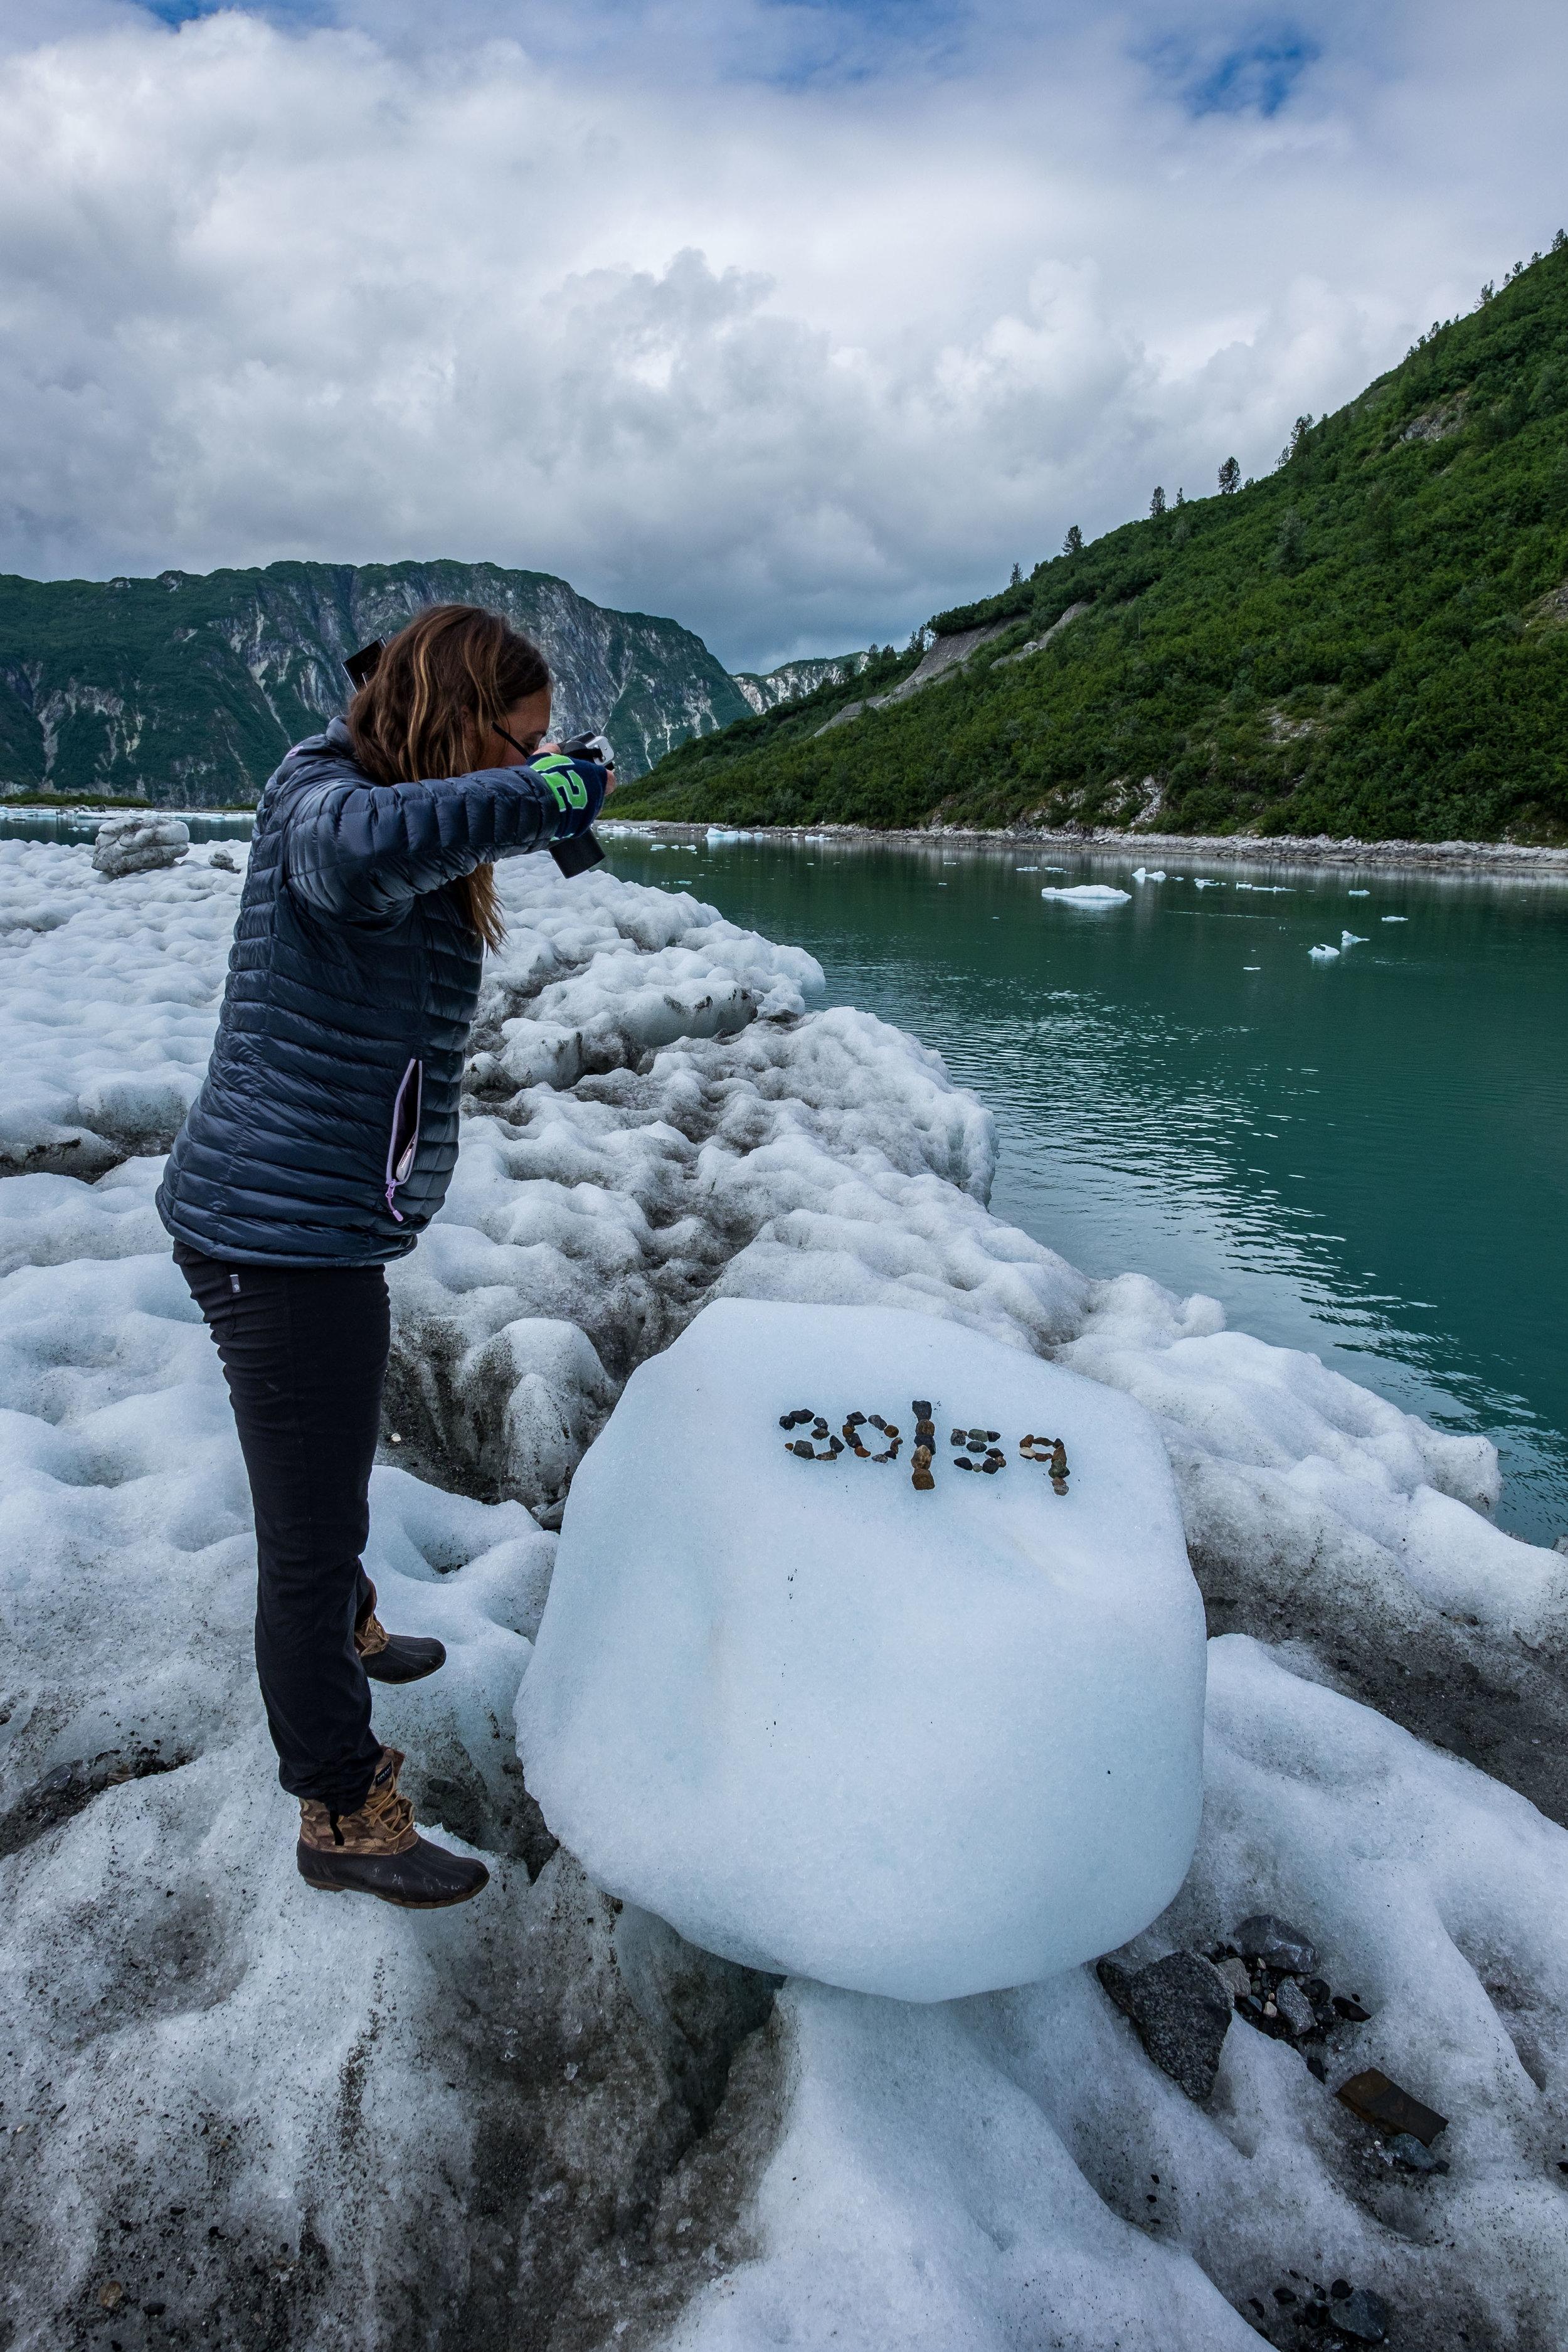 20160630-JI-Glacier Bay National Park-_DSF0405.jpg